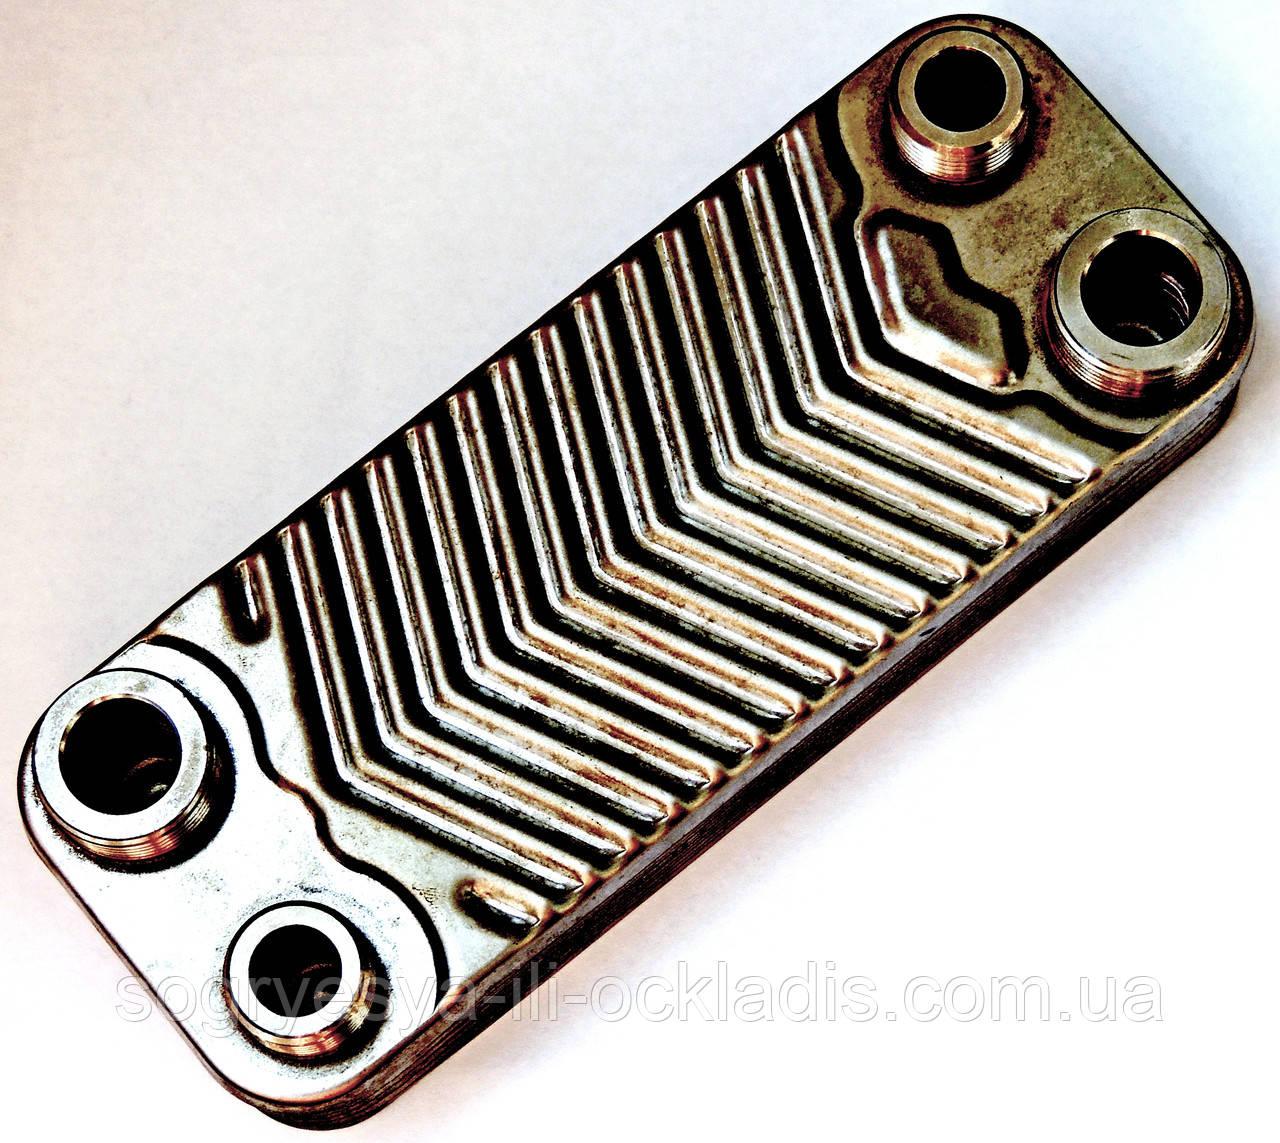 Теплообменник ГВС пластинчатый, 12 пластин, соединение - резьбовое, L=148 мм, код сайта 4096